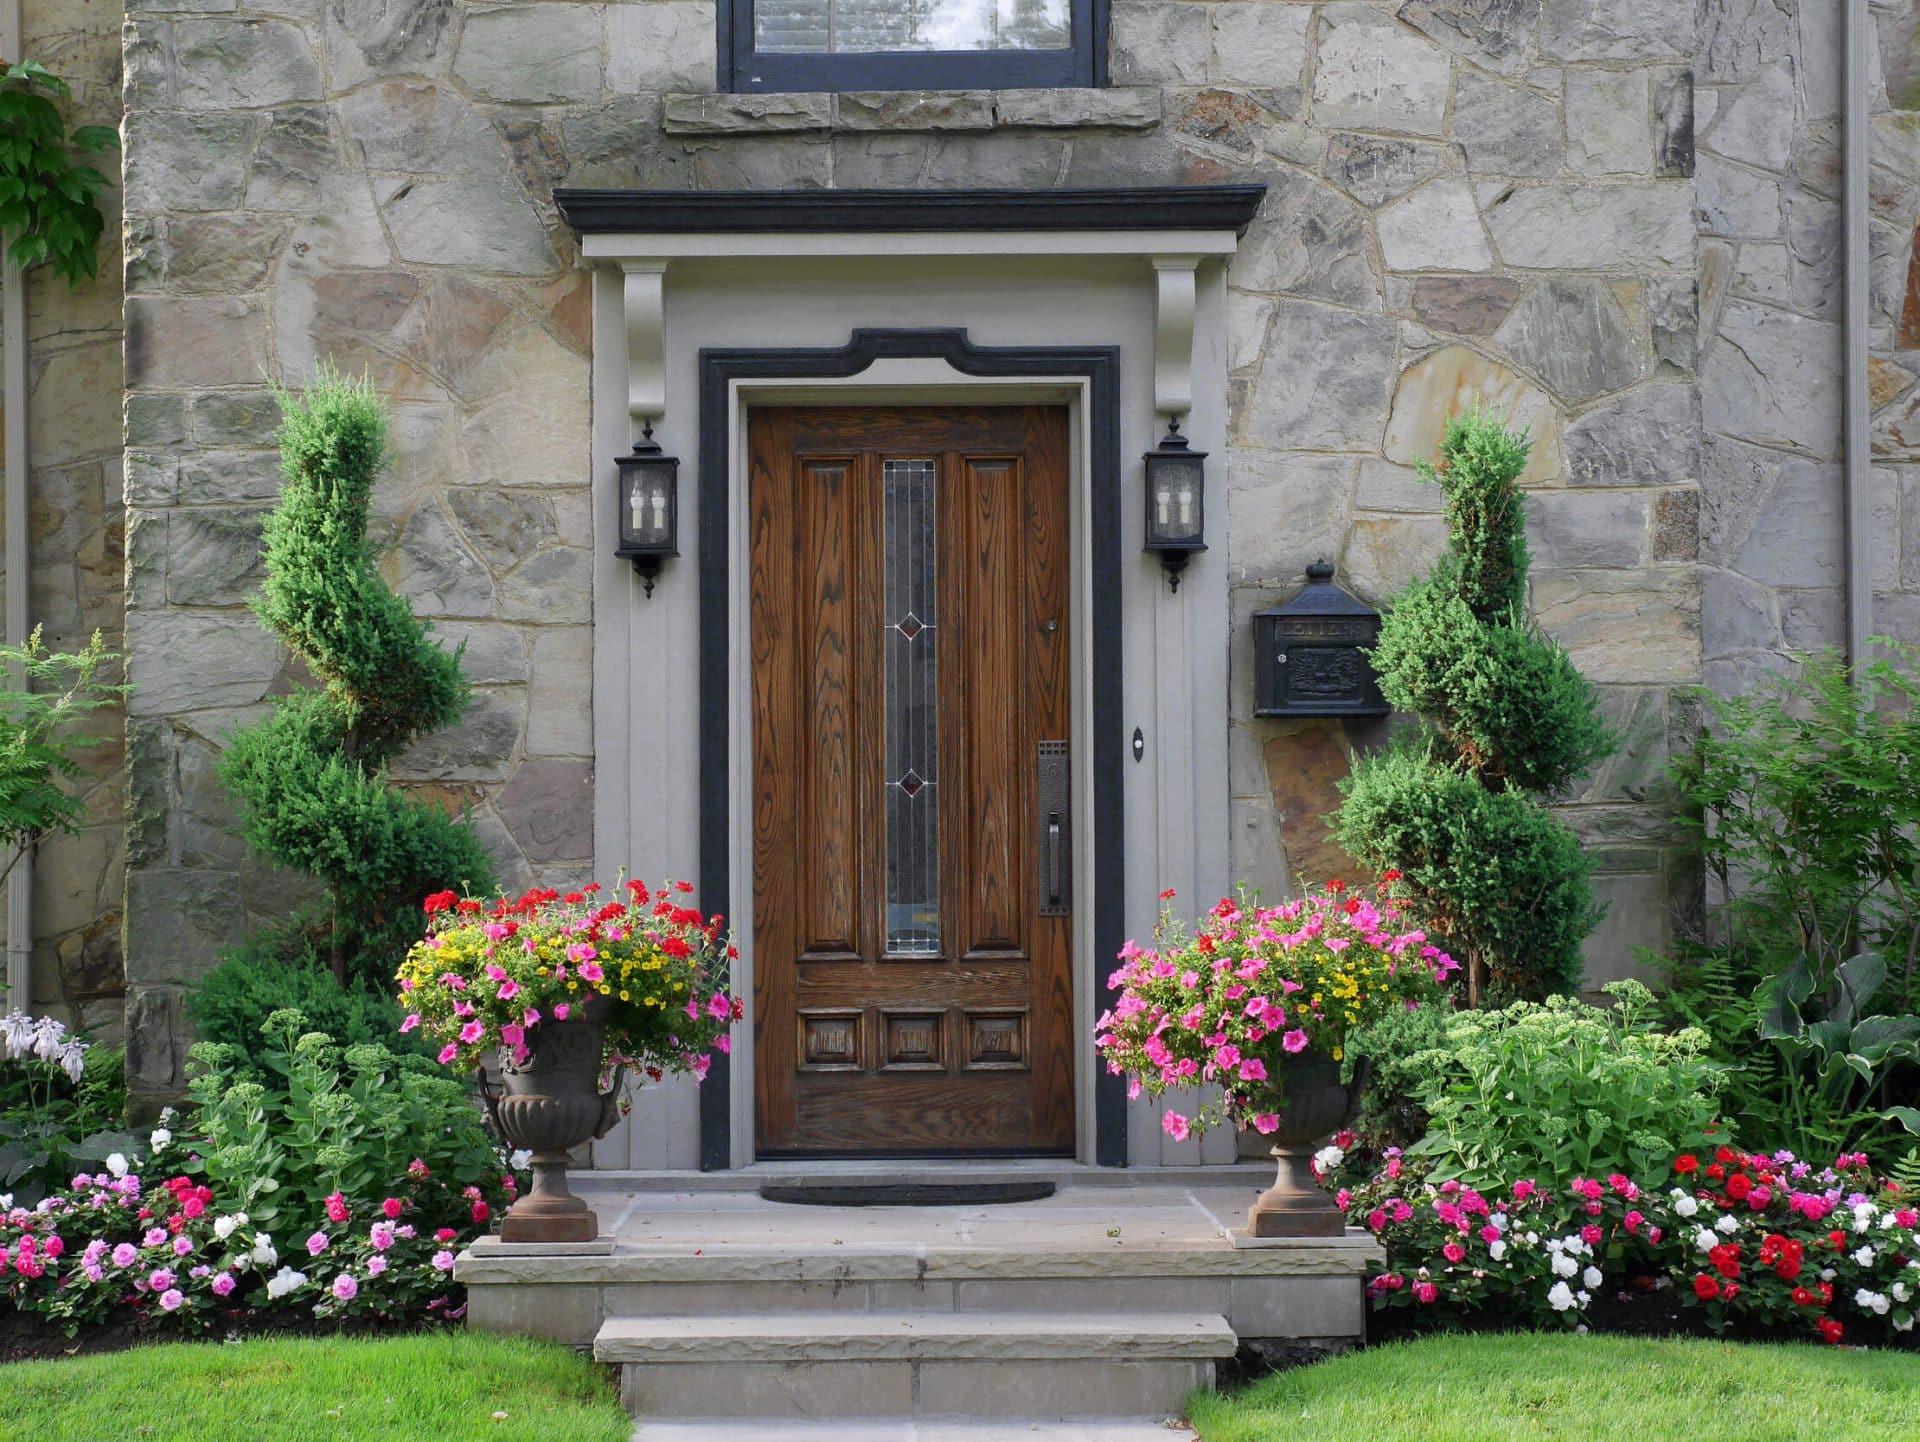 Haustür mit Pflanzgefäßen